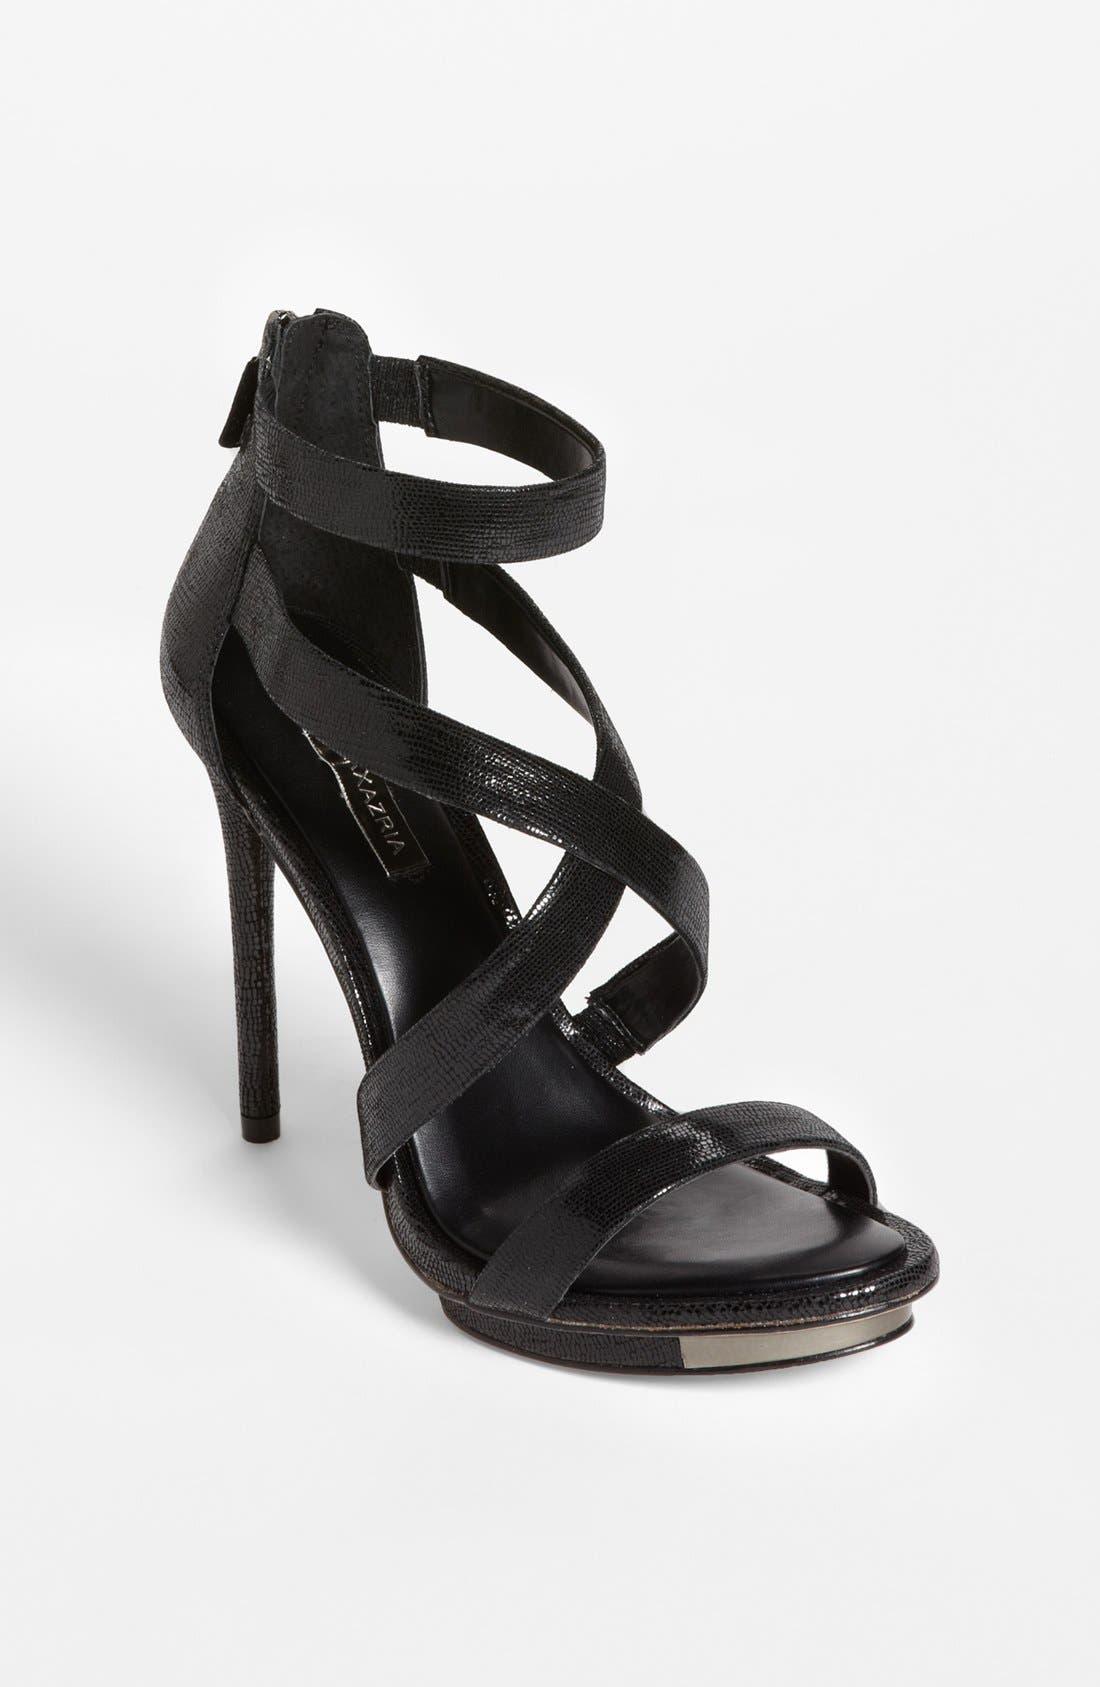 Main Image - BCBGMAXAZRIA 'Lemour' Sandal